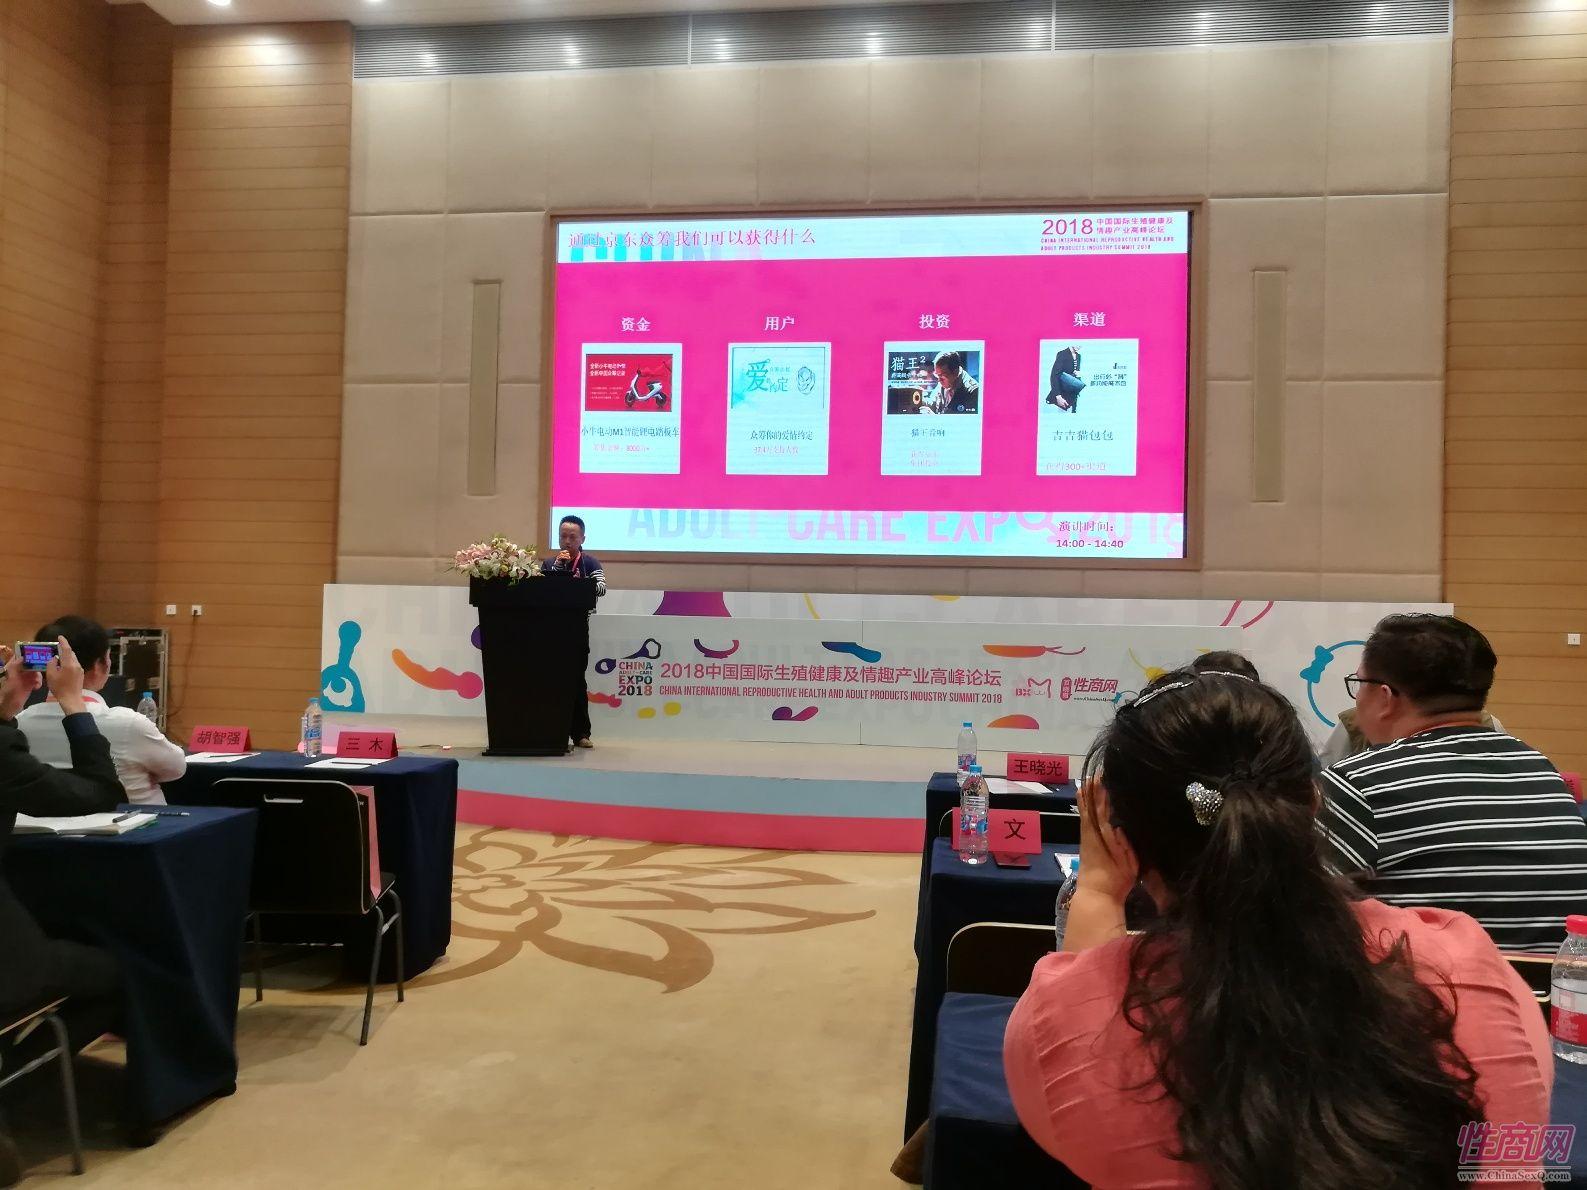 18上海成人展-高峰论坛 (58)